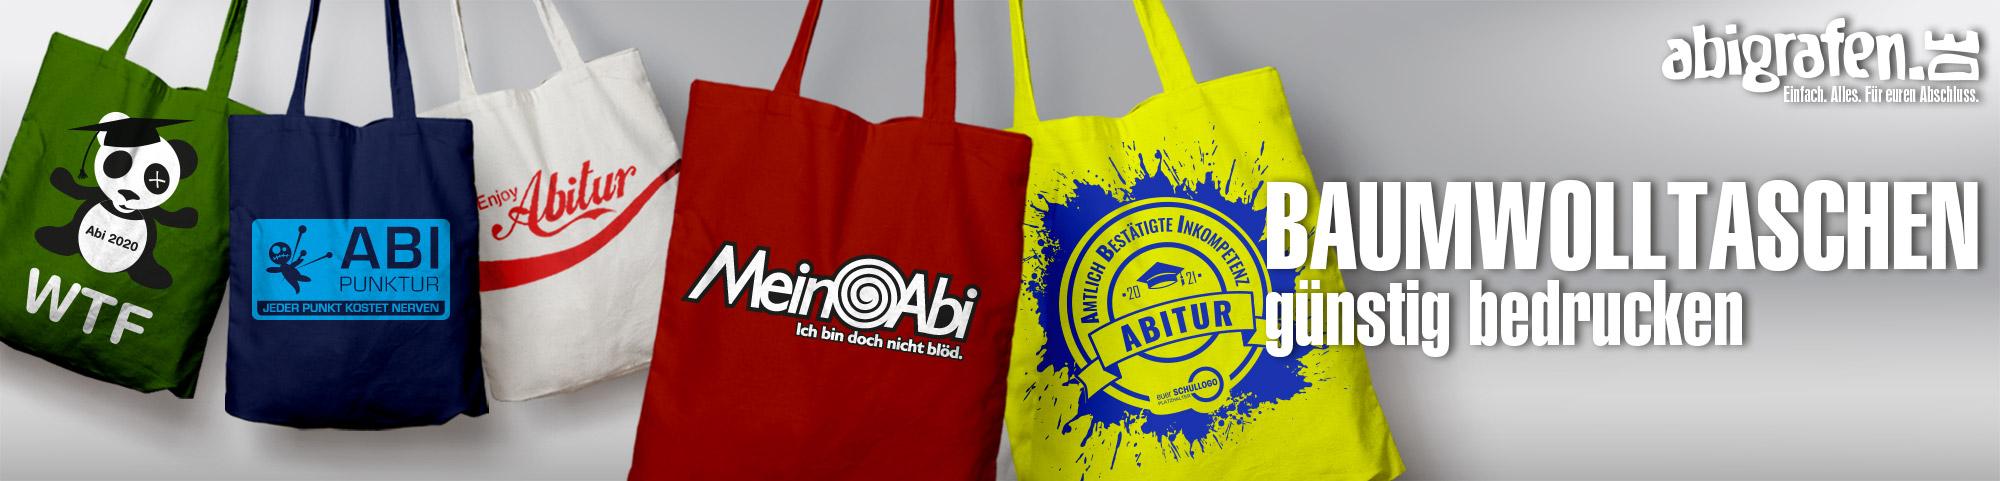 günstig Baumwolltaschen/Jutebeutel bedrucken (Bio-Baumwolle, Fairtrade, vegan, global organic standard)